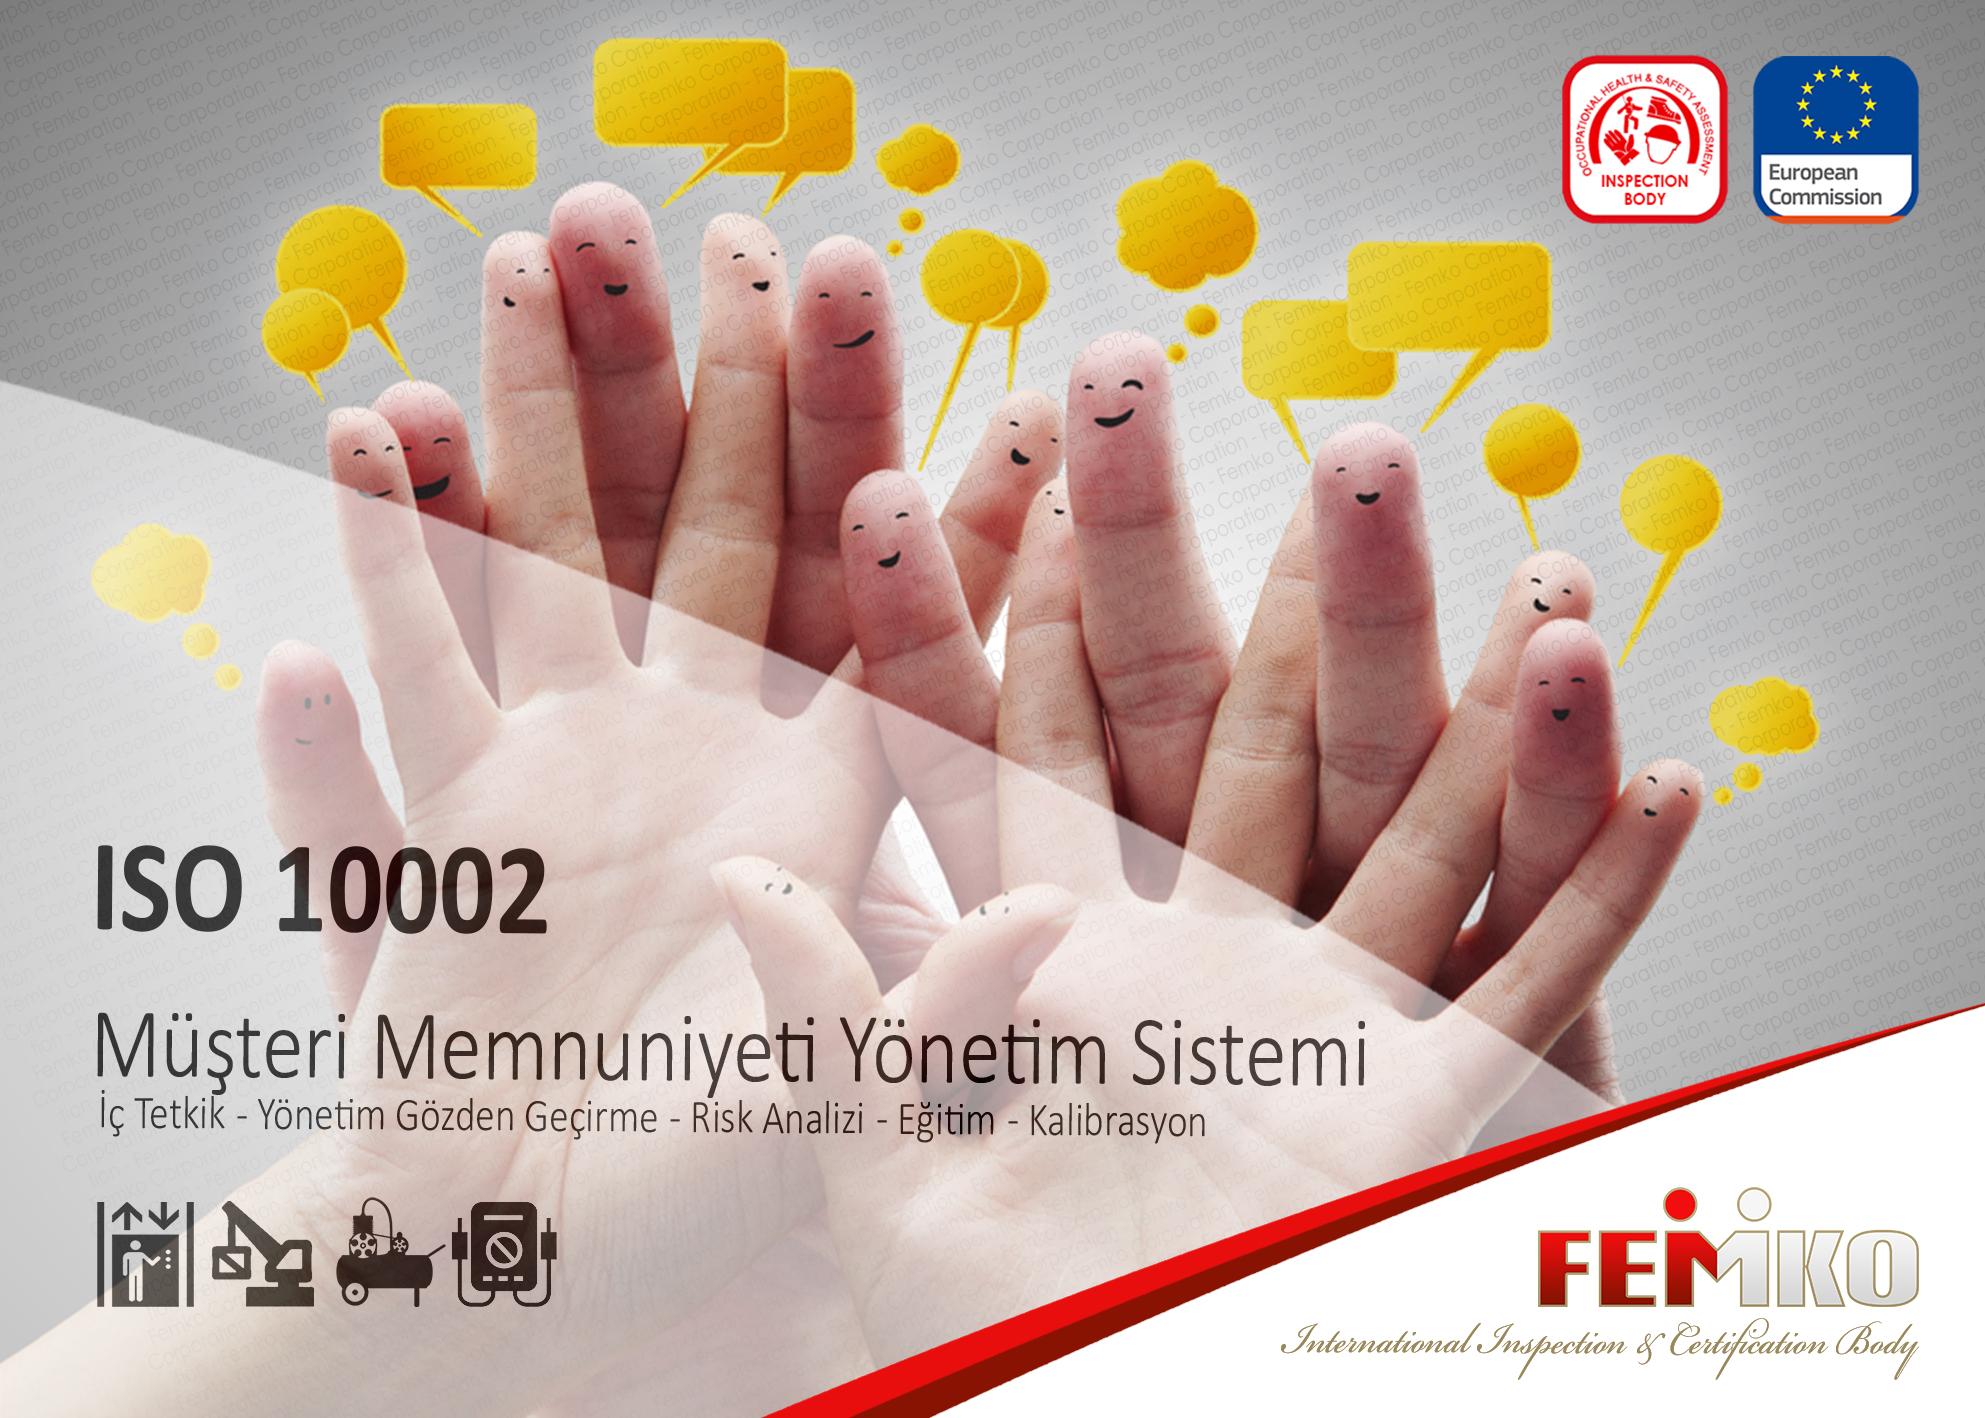 Müşteri Memnuniyeti Yönetim Sistemi – ISO 10002 Belgesi